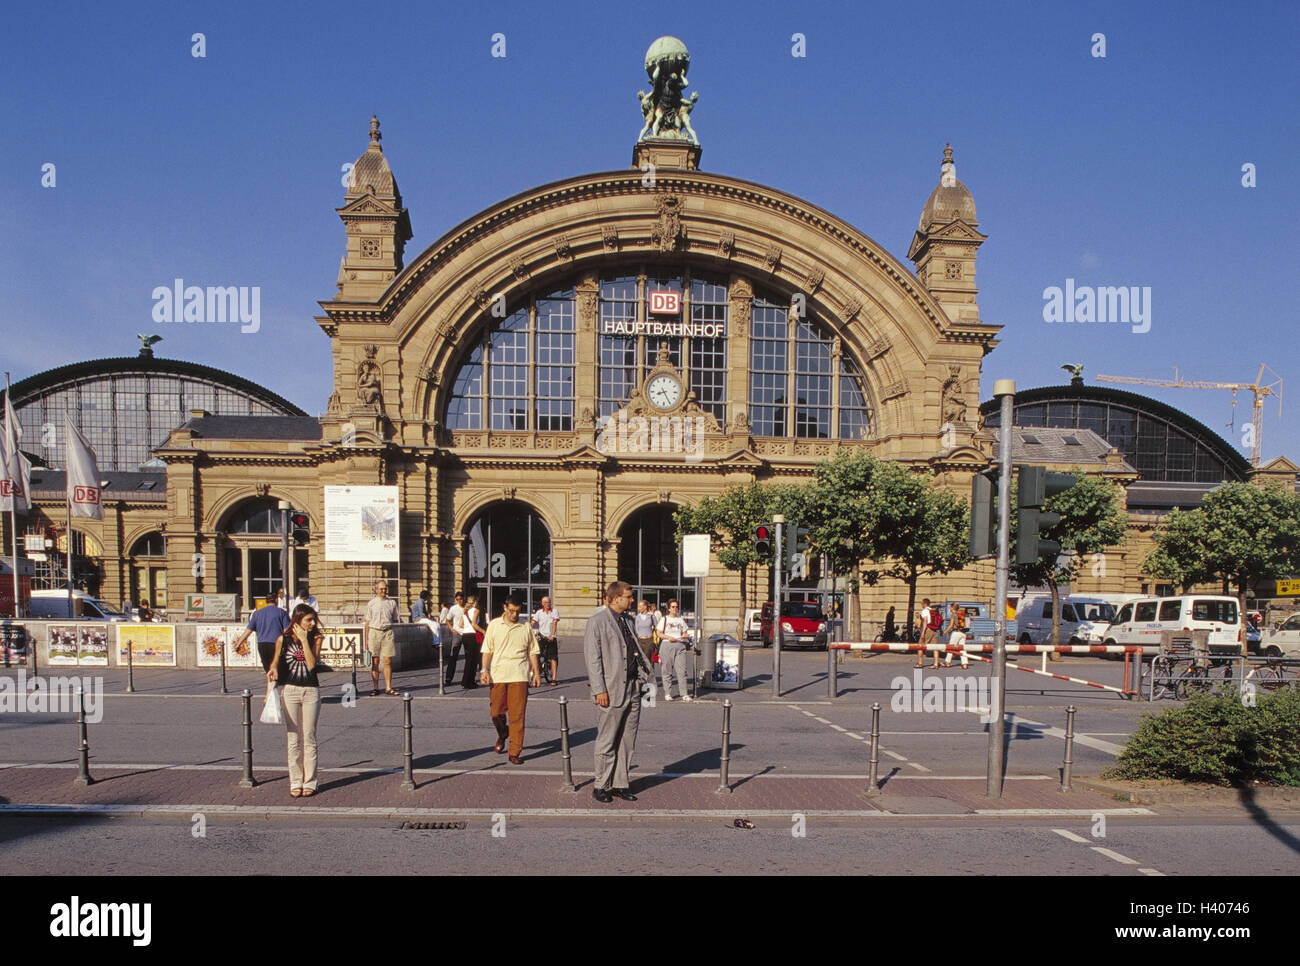 Deutschland Hessen Frankfurt Main Hauptbahnhof Passanten